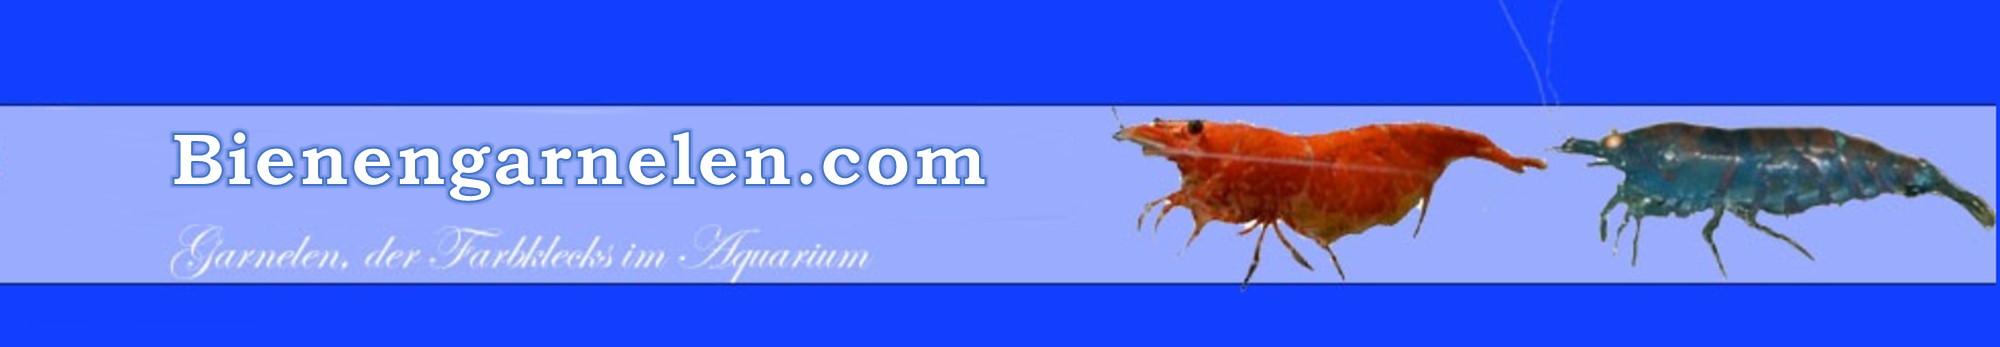 bienengarnelen.com